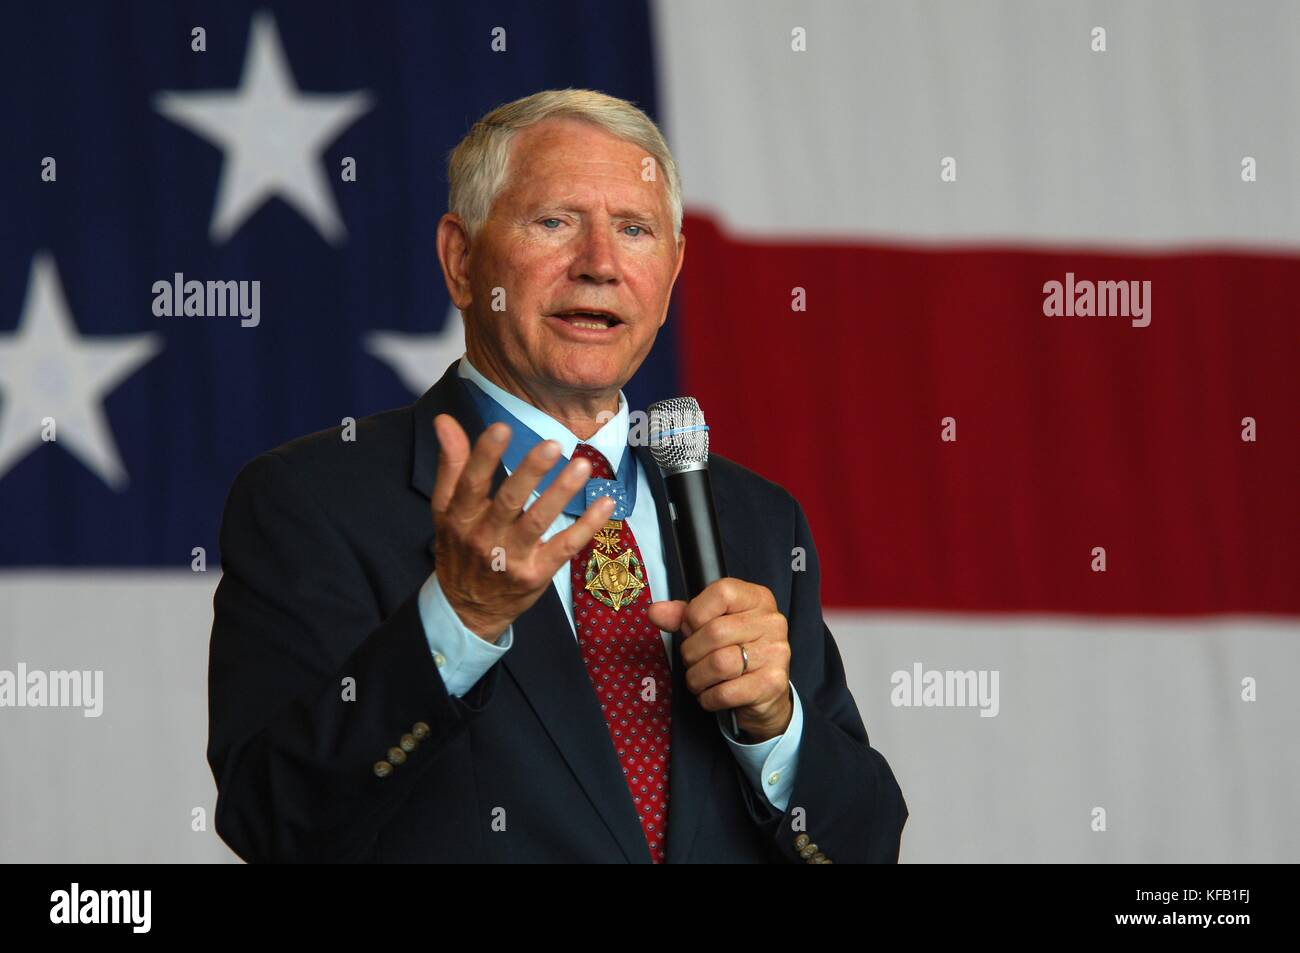 Le colonel de l'US air force leo thorsness et récipiendaire de la médaille d'honneur parle au Photo Stock